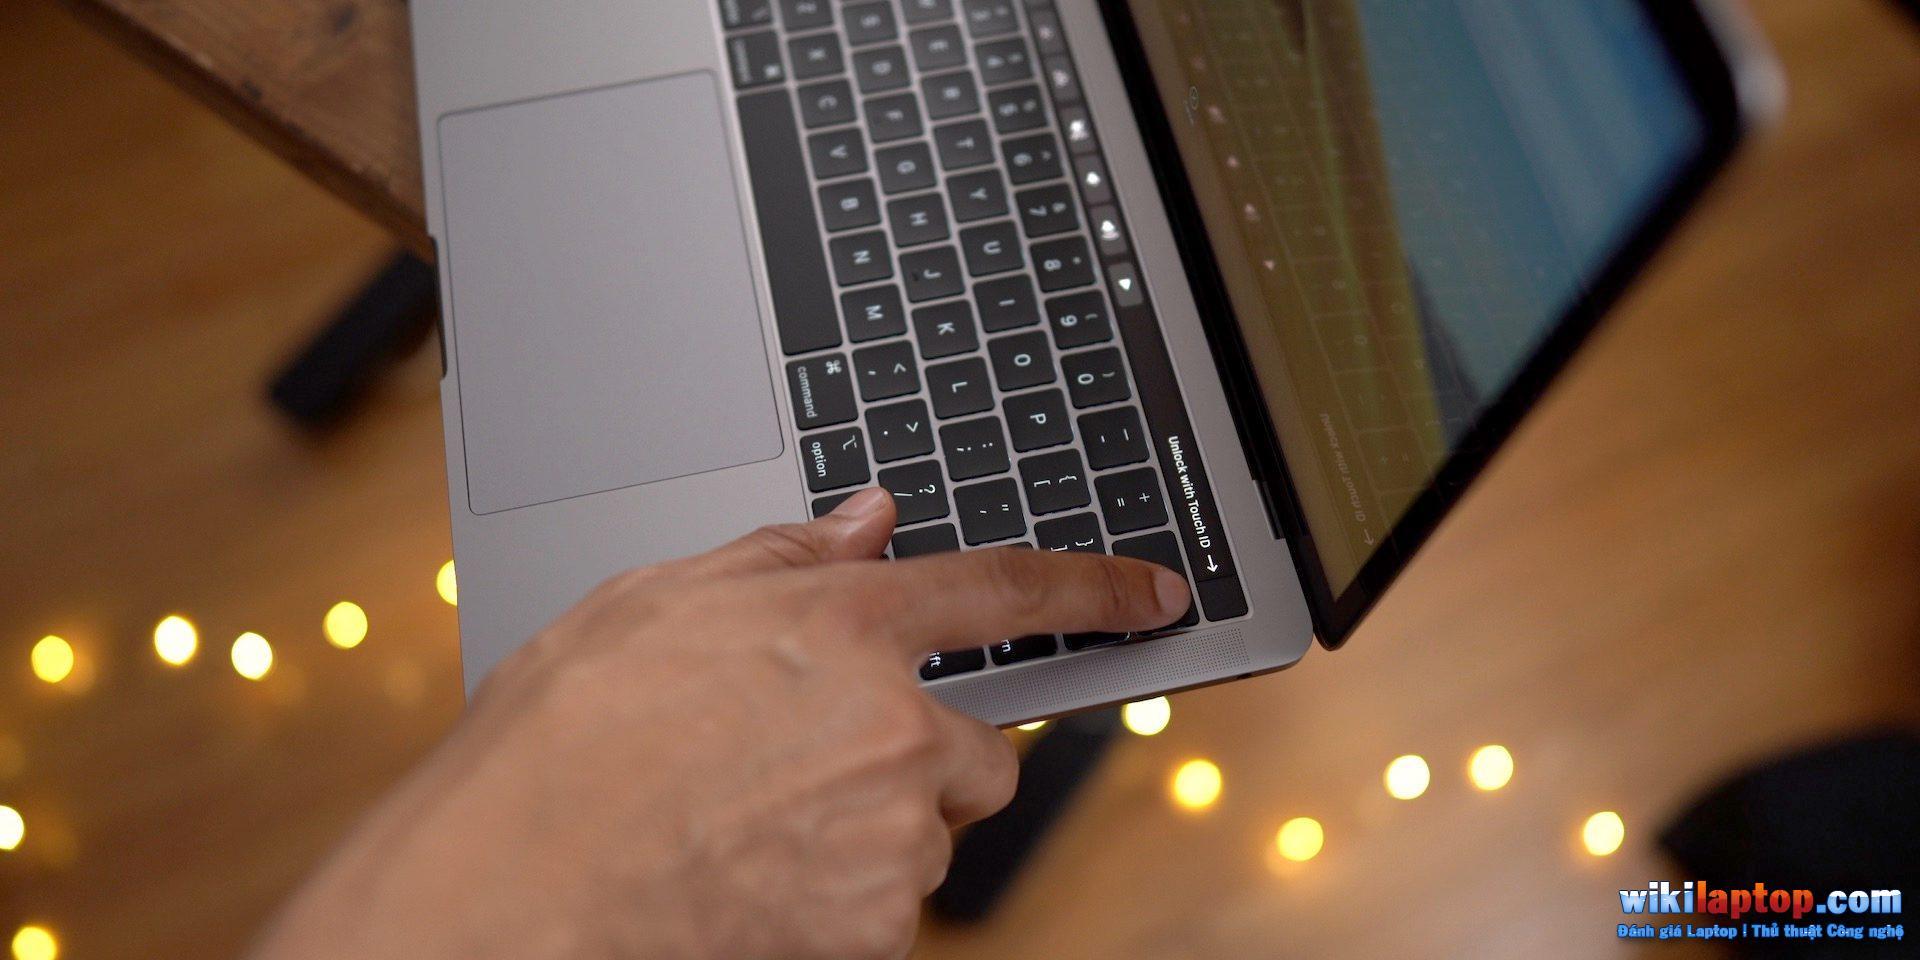 Sforum - Trang thông tin công nghệ mới nhất Mac-10 Nó cũng có cấu hình cao, nhưng tại sao Laptop chơi game không phổ biến như Macbook Pro?